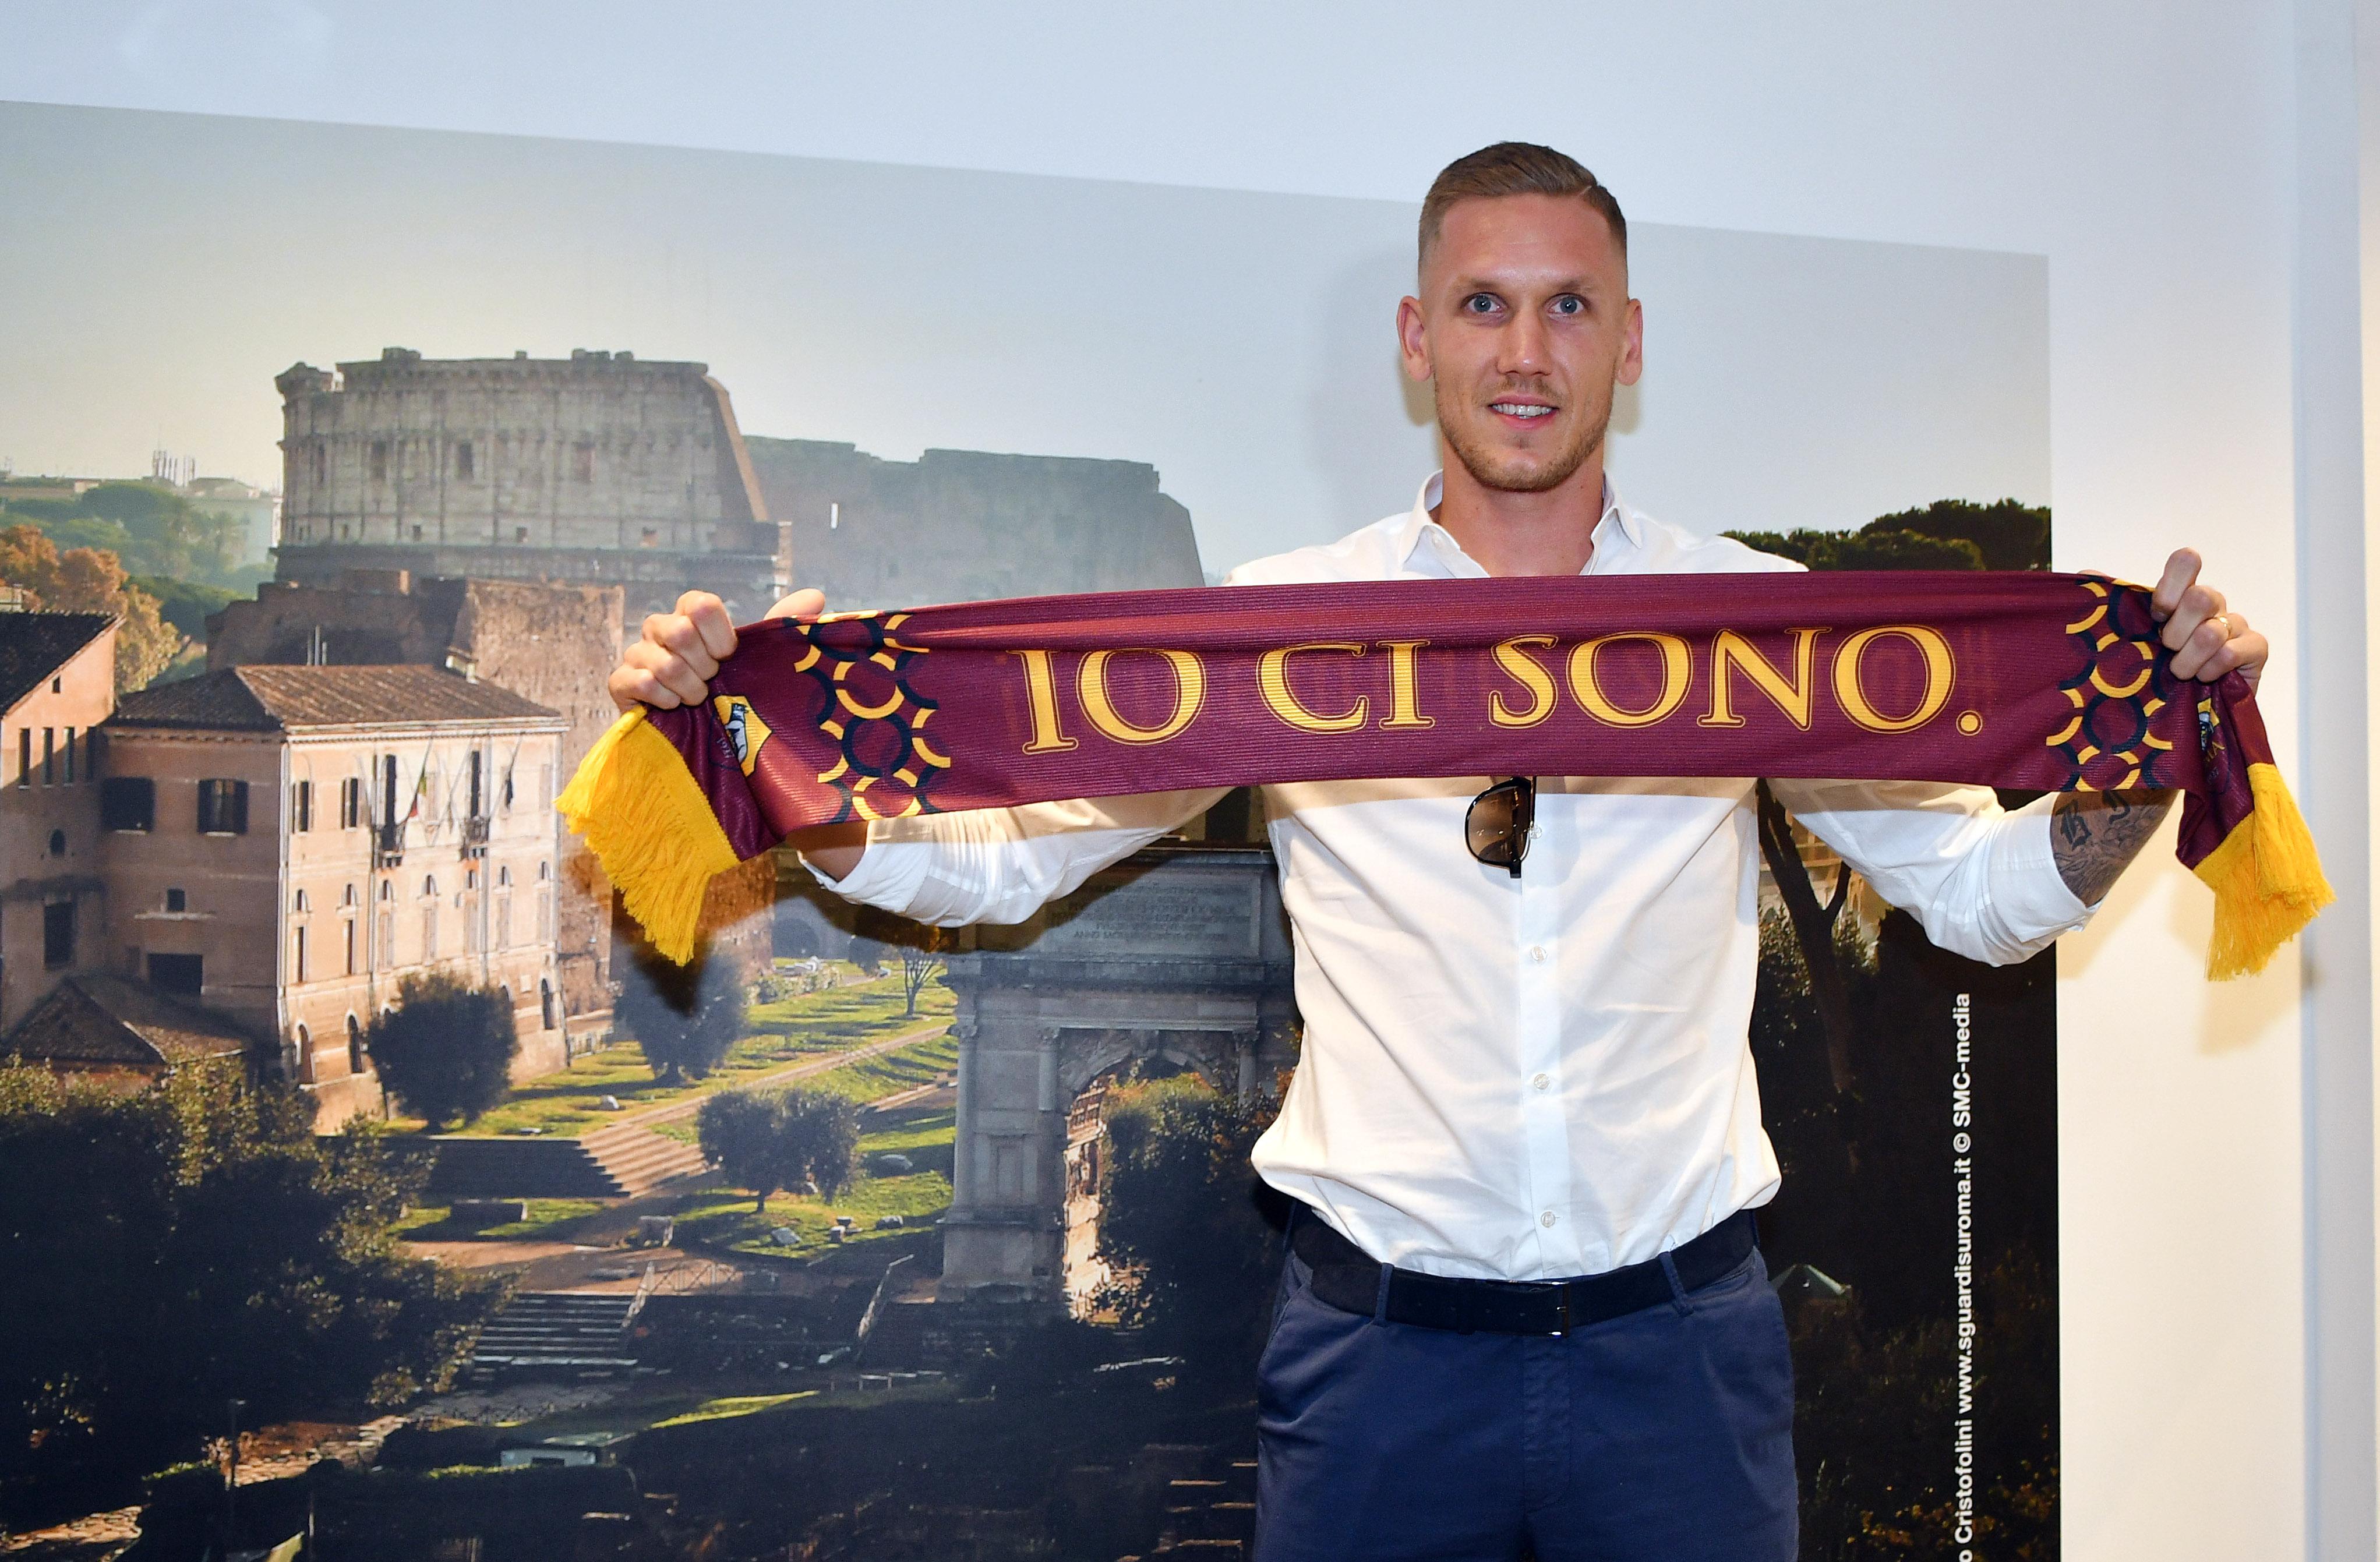 CHÍNH THỨC: Chiêu mộ thủ môn World Cup, Roma có người thay Alisson - Bóng Đá